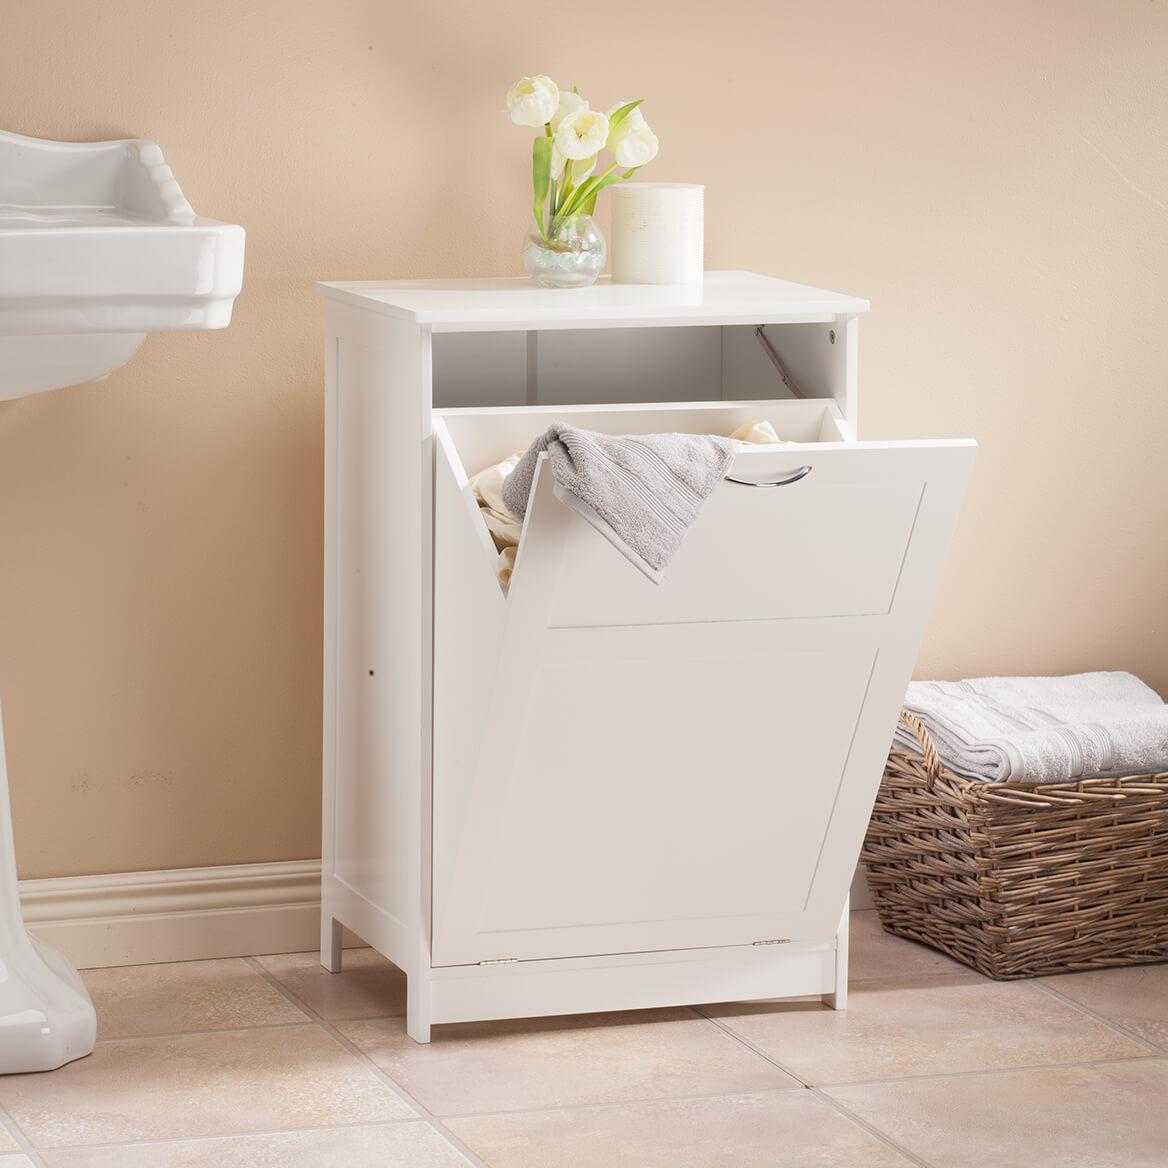 OakRidge Tilt Out Laundry Hamper Bin - Freestanding ...